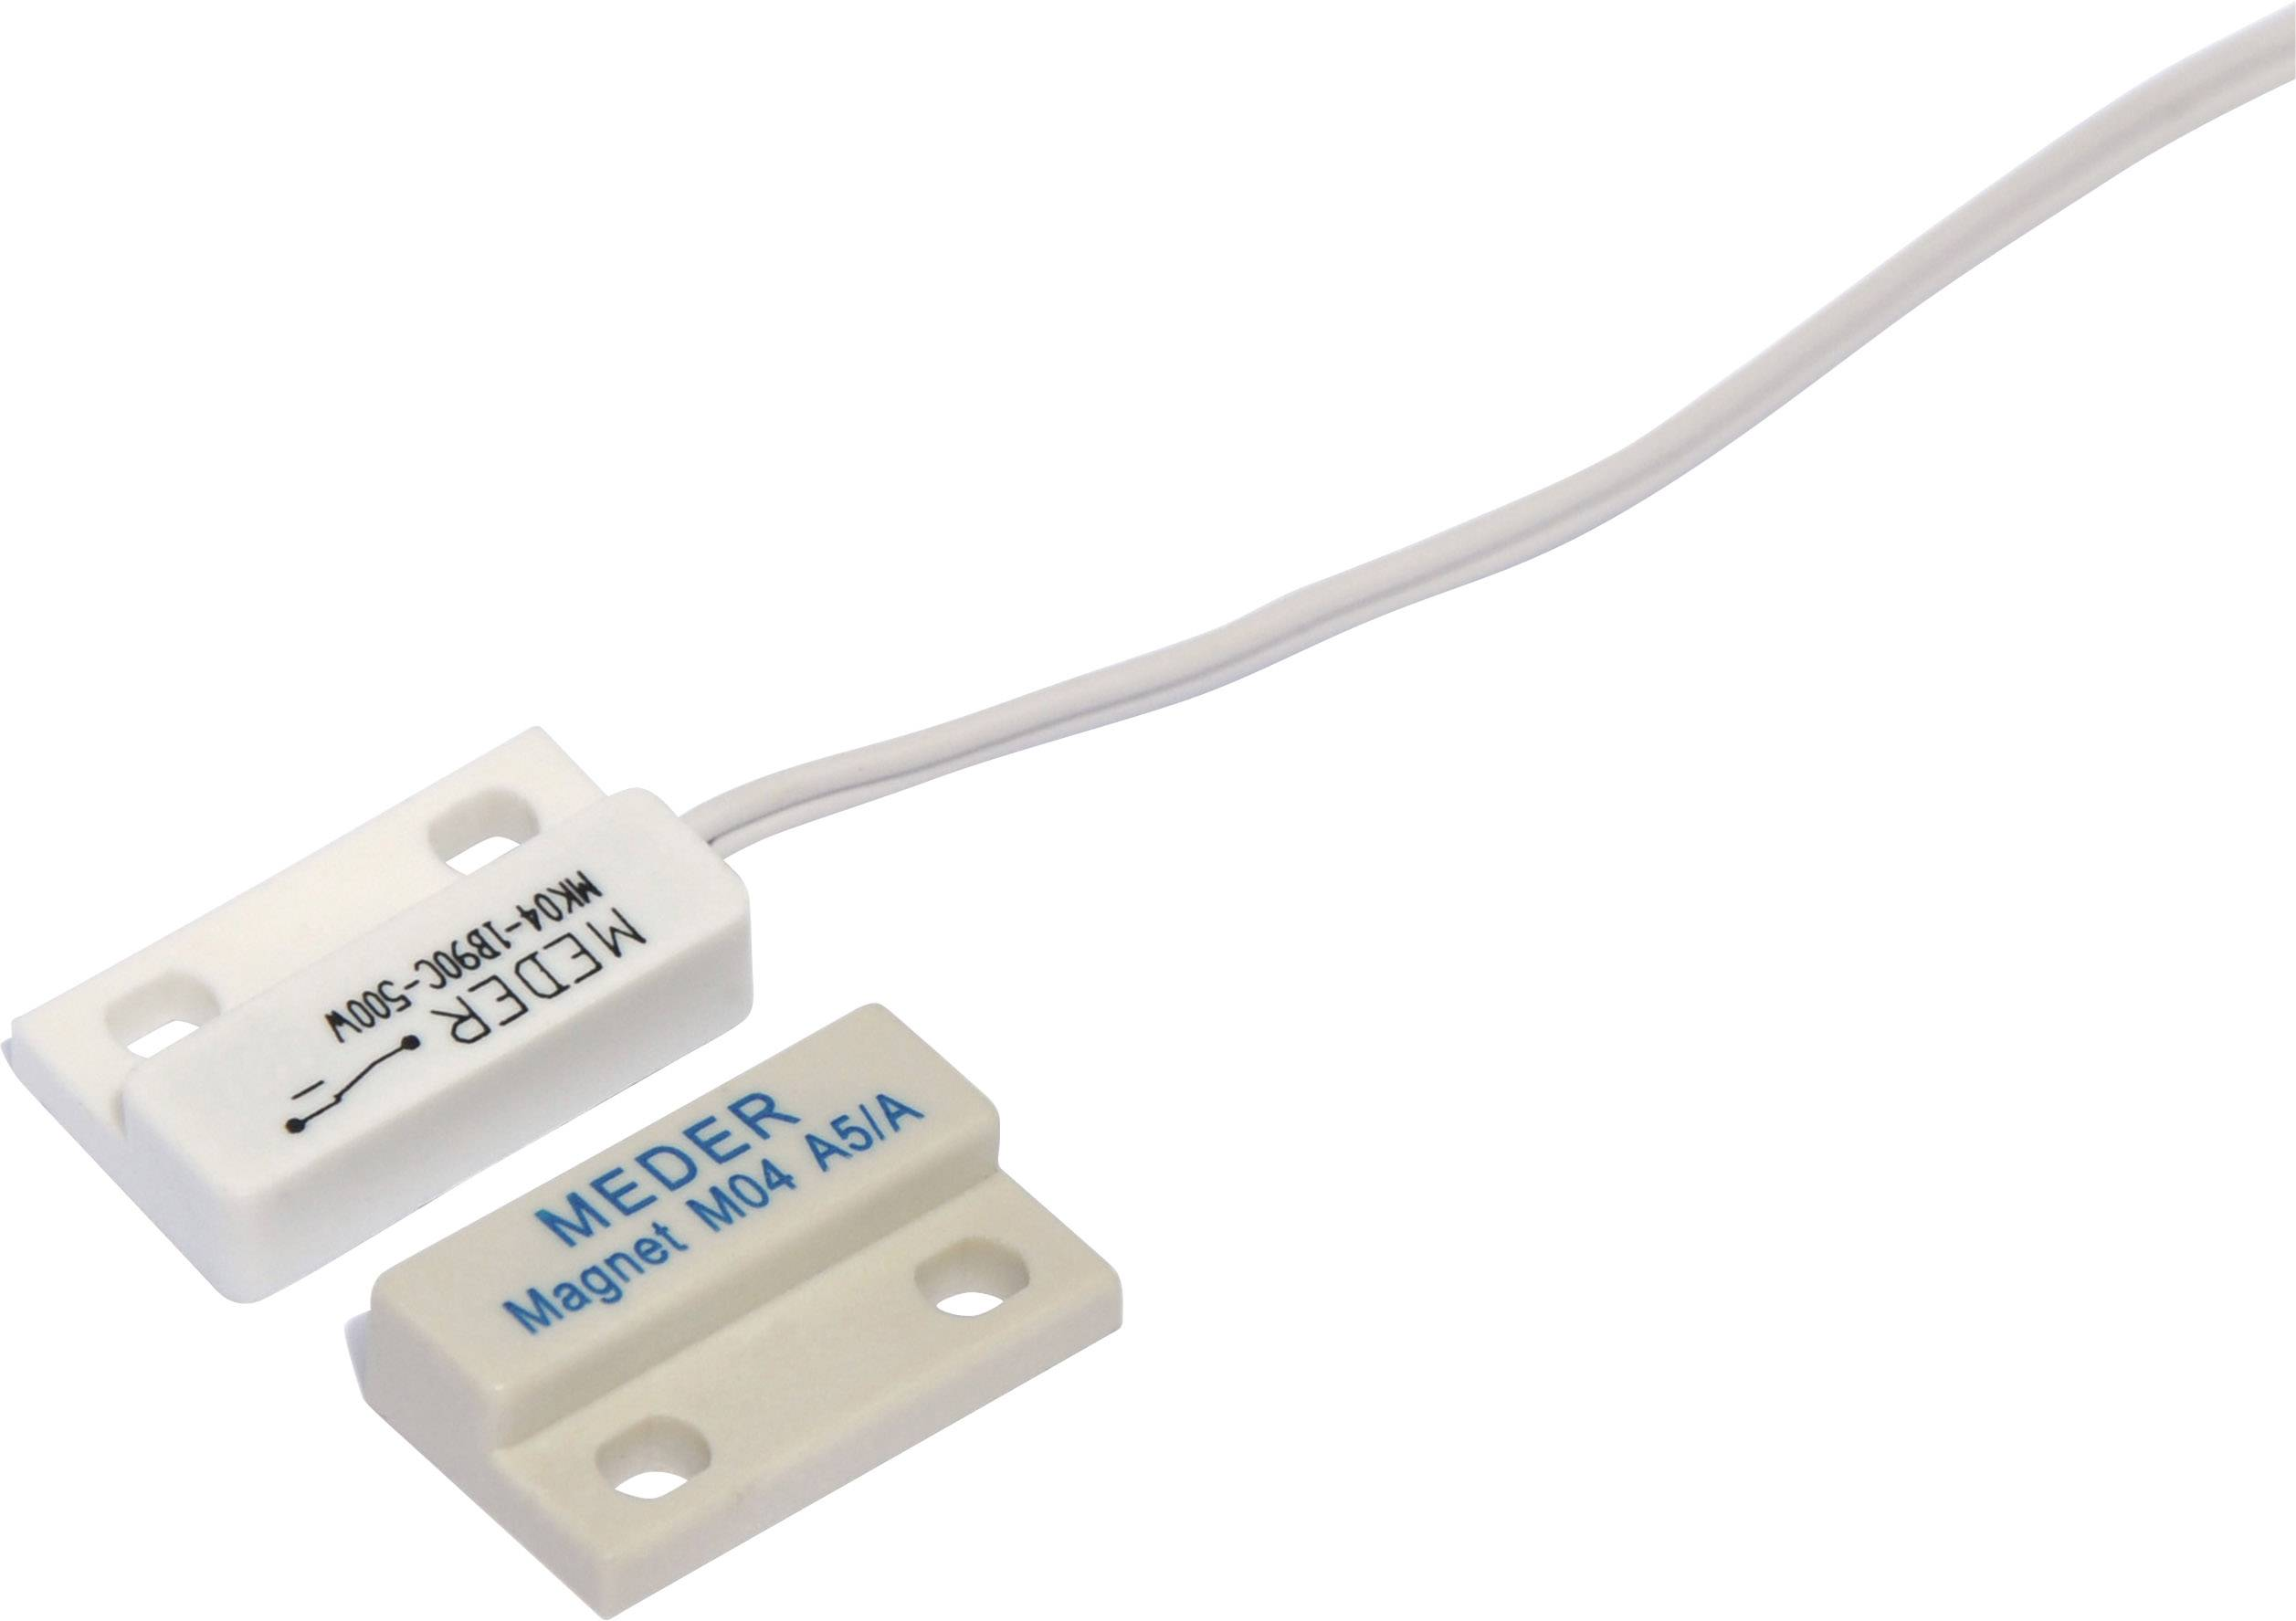 Jazyčkový kontakt StandexMeder Electronics 2240000001, 1 spínací, 180 V/DC, 180 V/AC, 0.5 A, 10 W